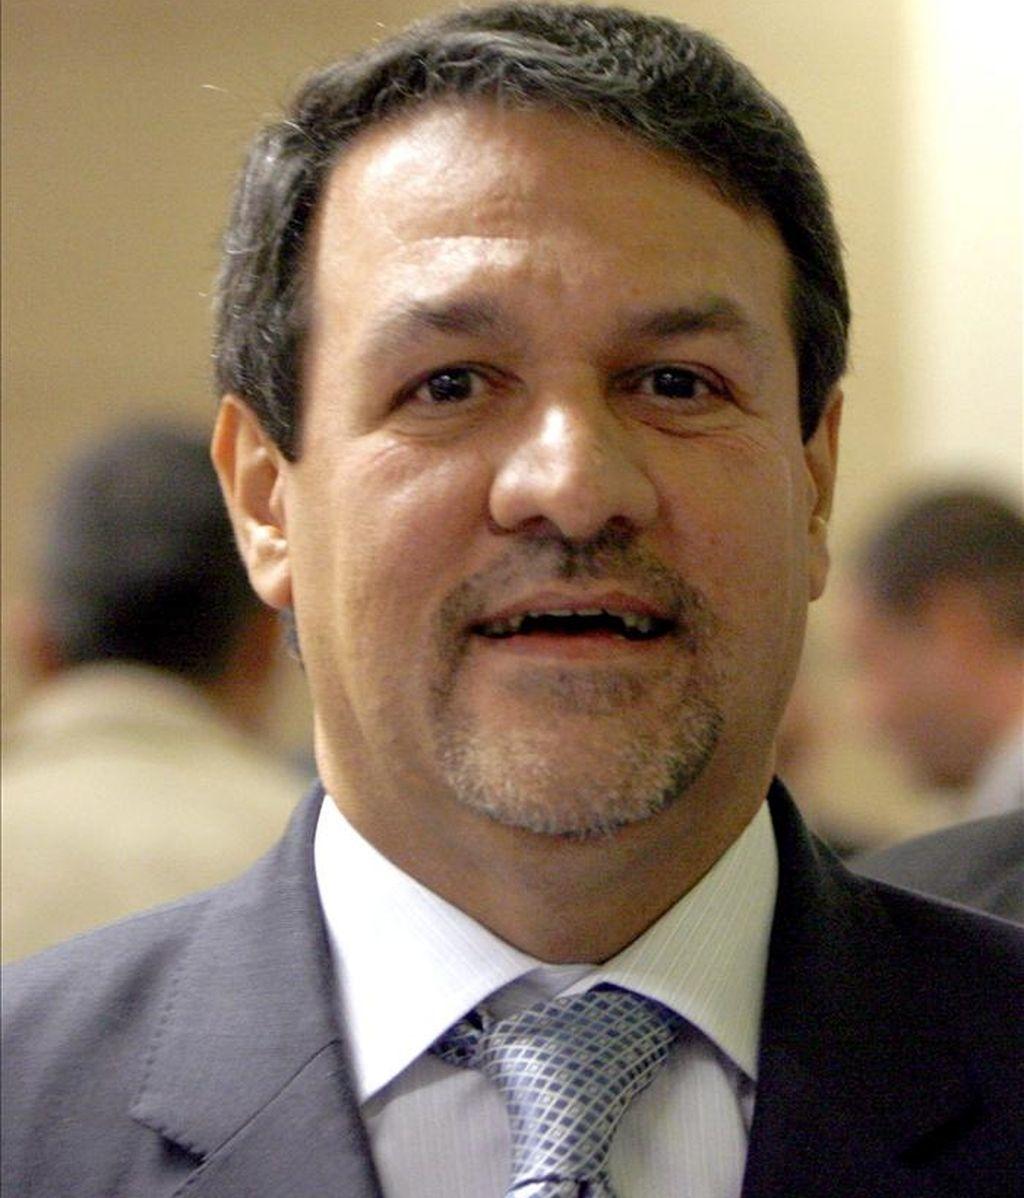 El portavoz del gobierno iraquí, Ali al Dabag, posa tras luna rueda de prensa ofrecida en Bagdad. EFE/Archivo